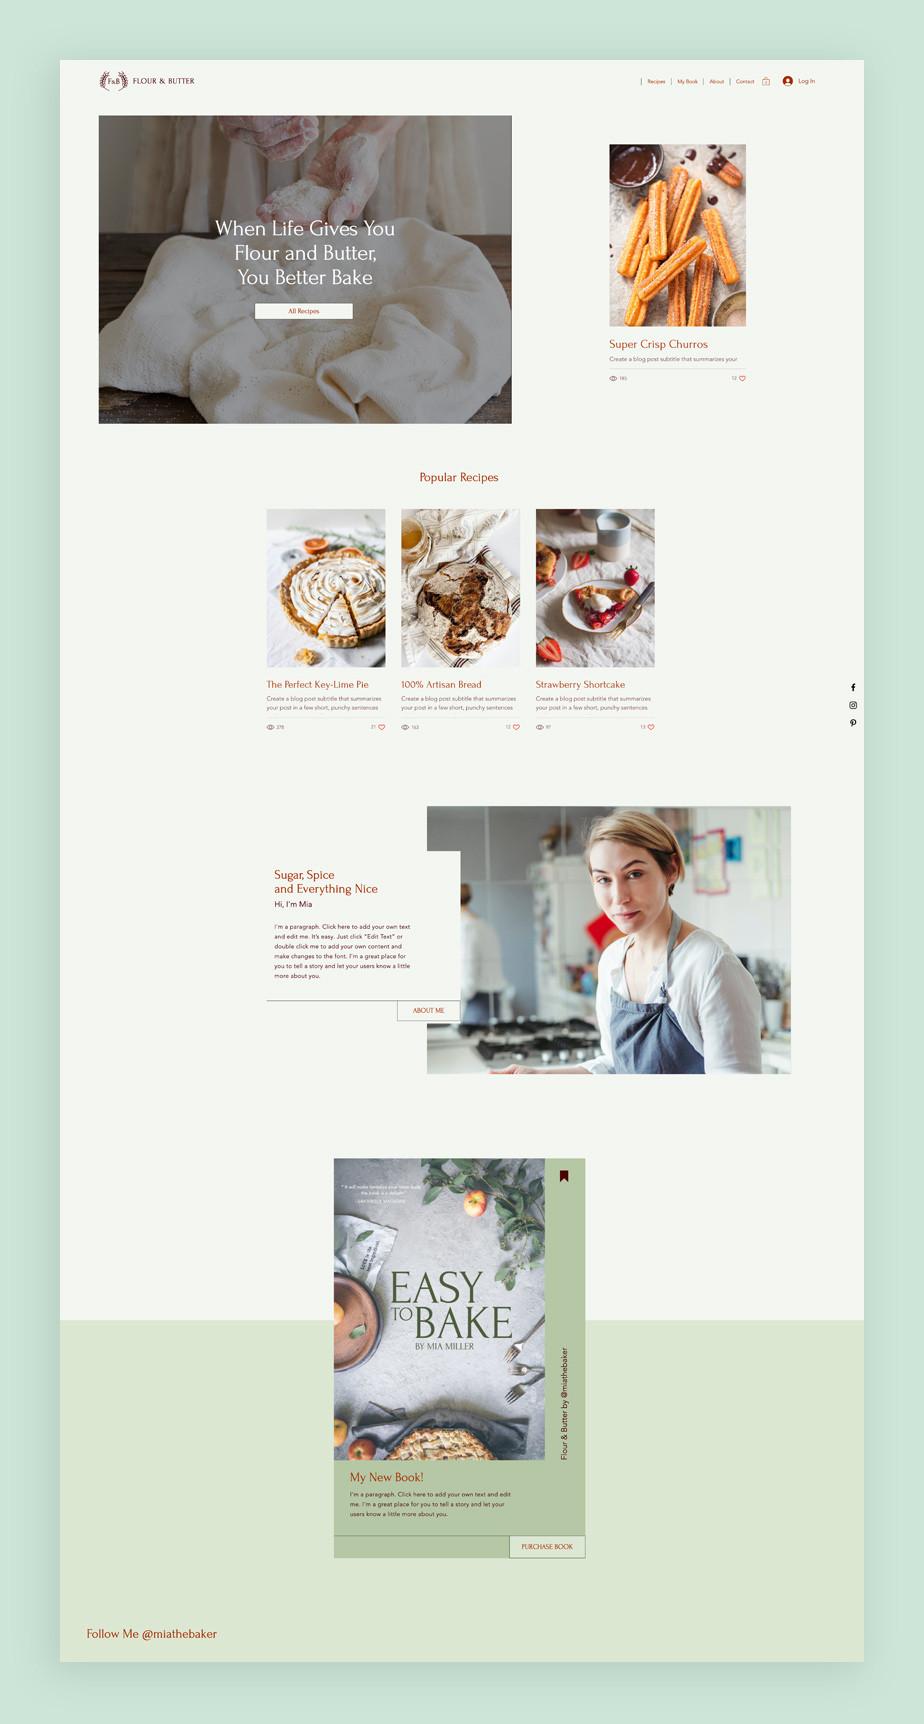 베이킹 블로그 템플릿에 보여지는 츄로스 및 아름다운 디자인의 제과 제빵 이미지